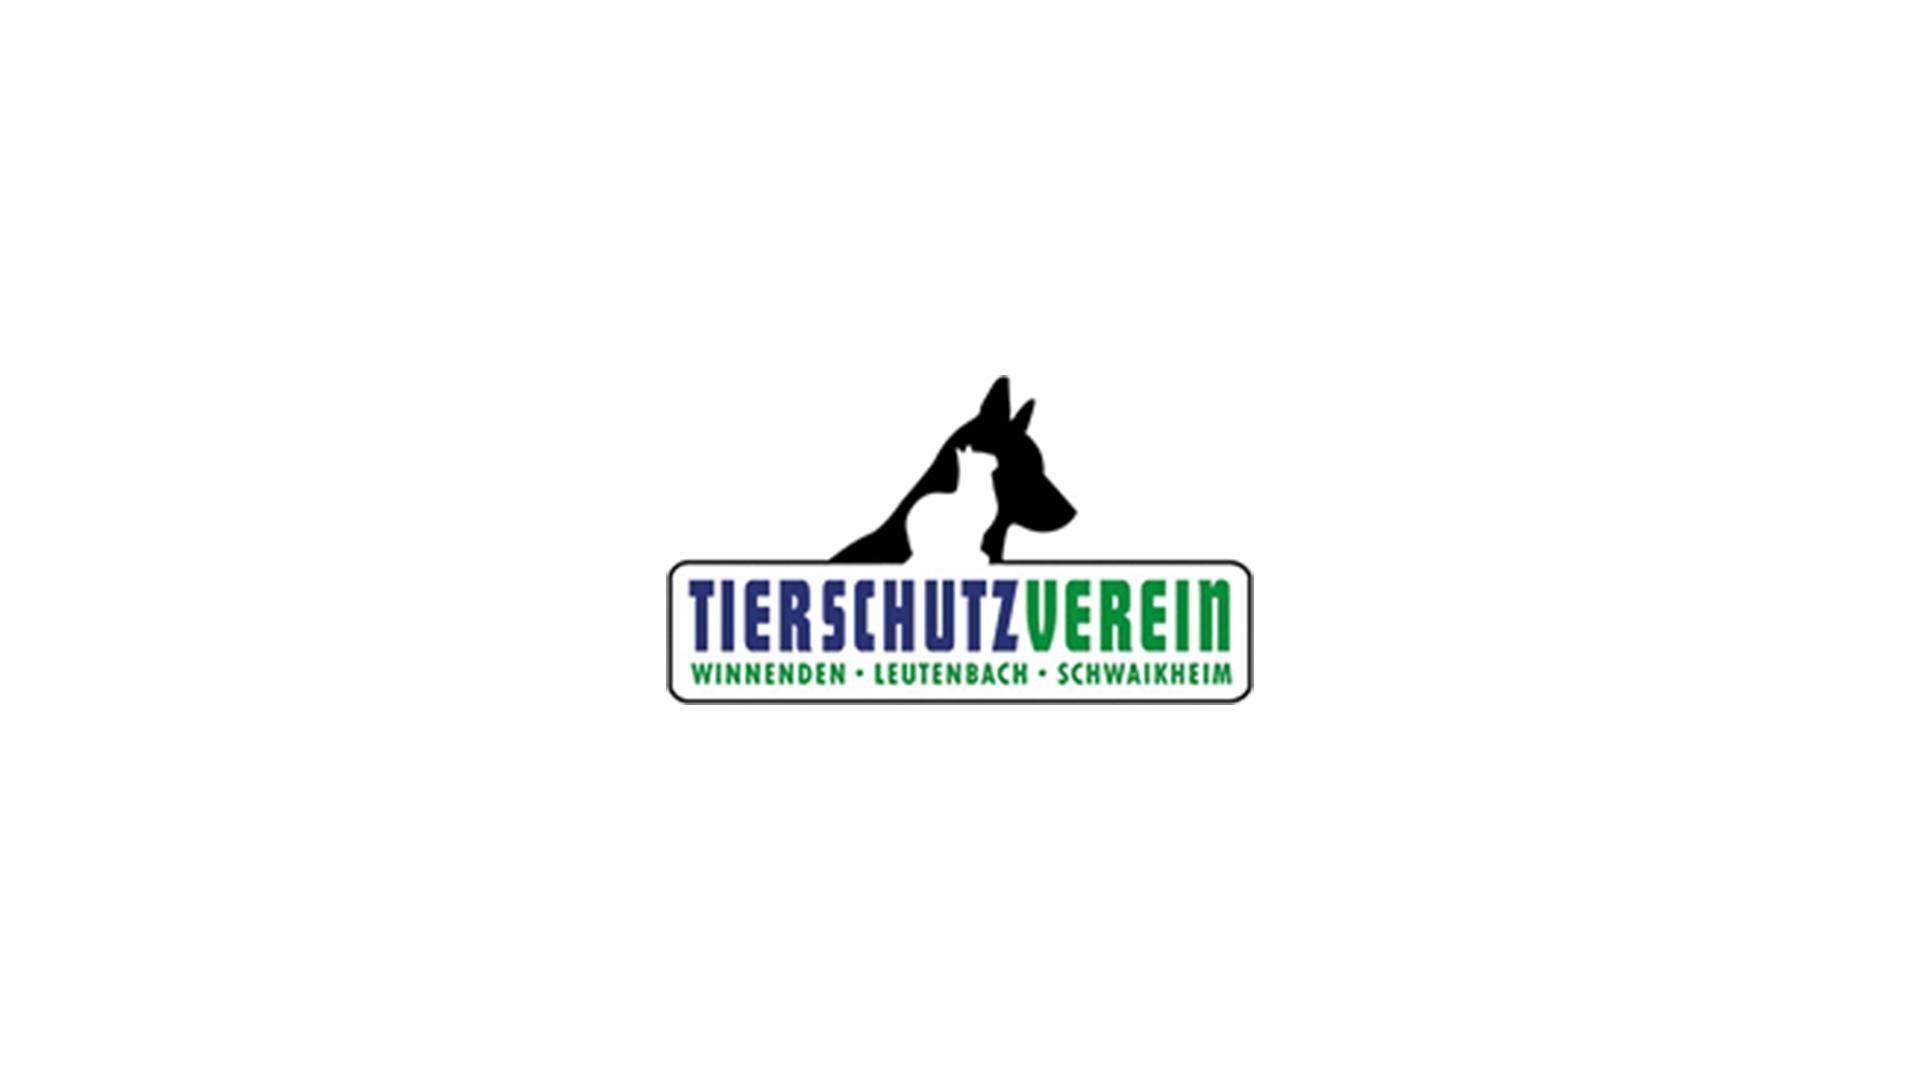 Pfleiderer Projektbau: Sponsoring Tierschutzverein Winnenden